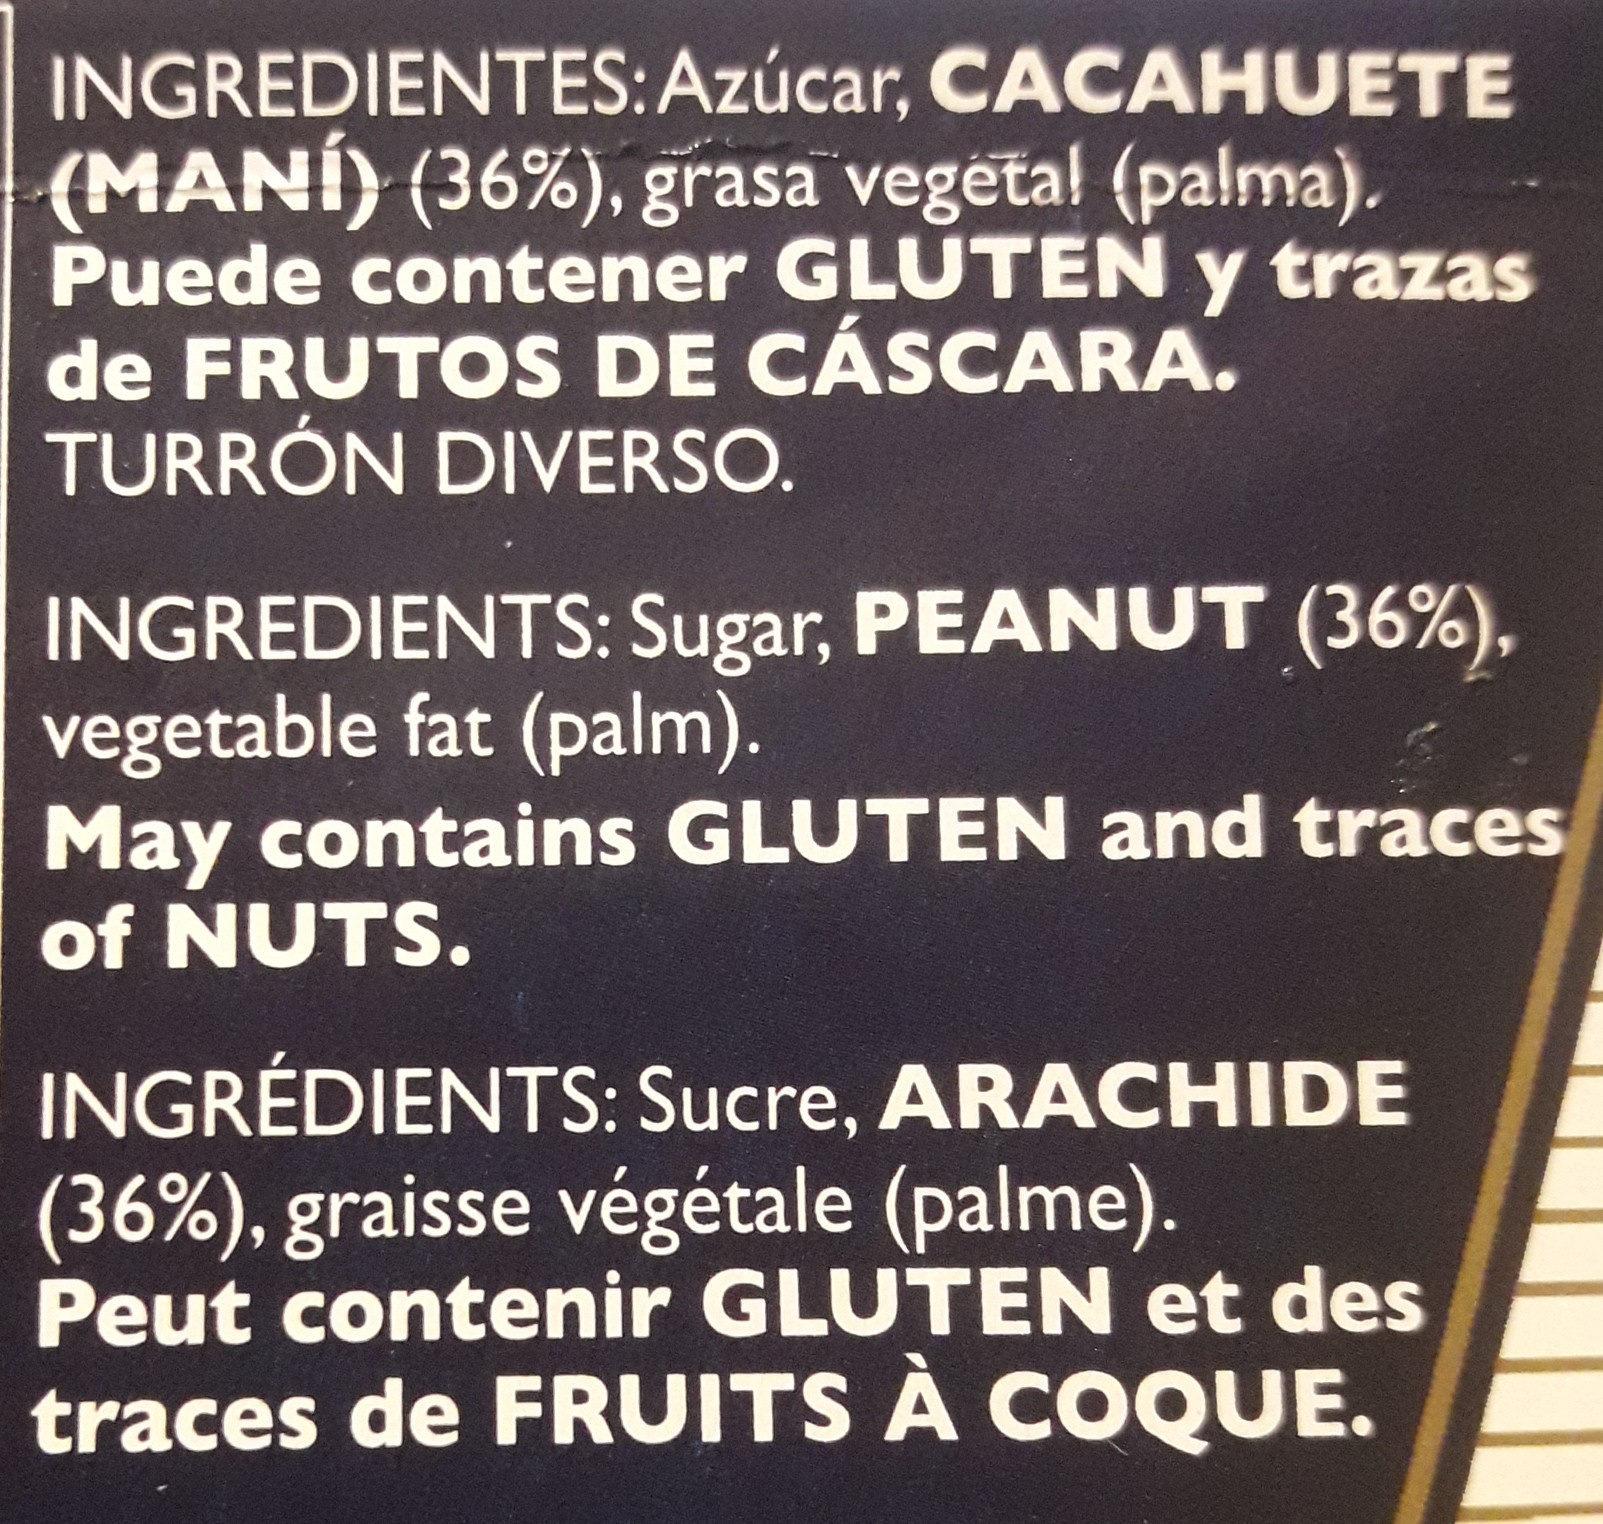 Turron de cacahuete refinado - Ingredients